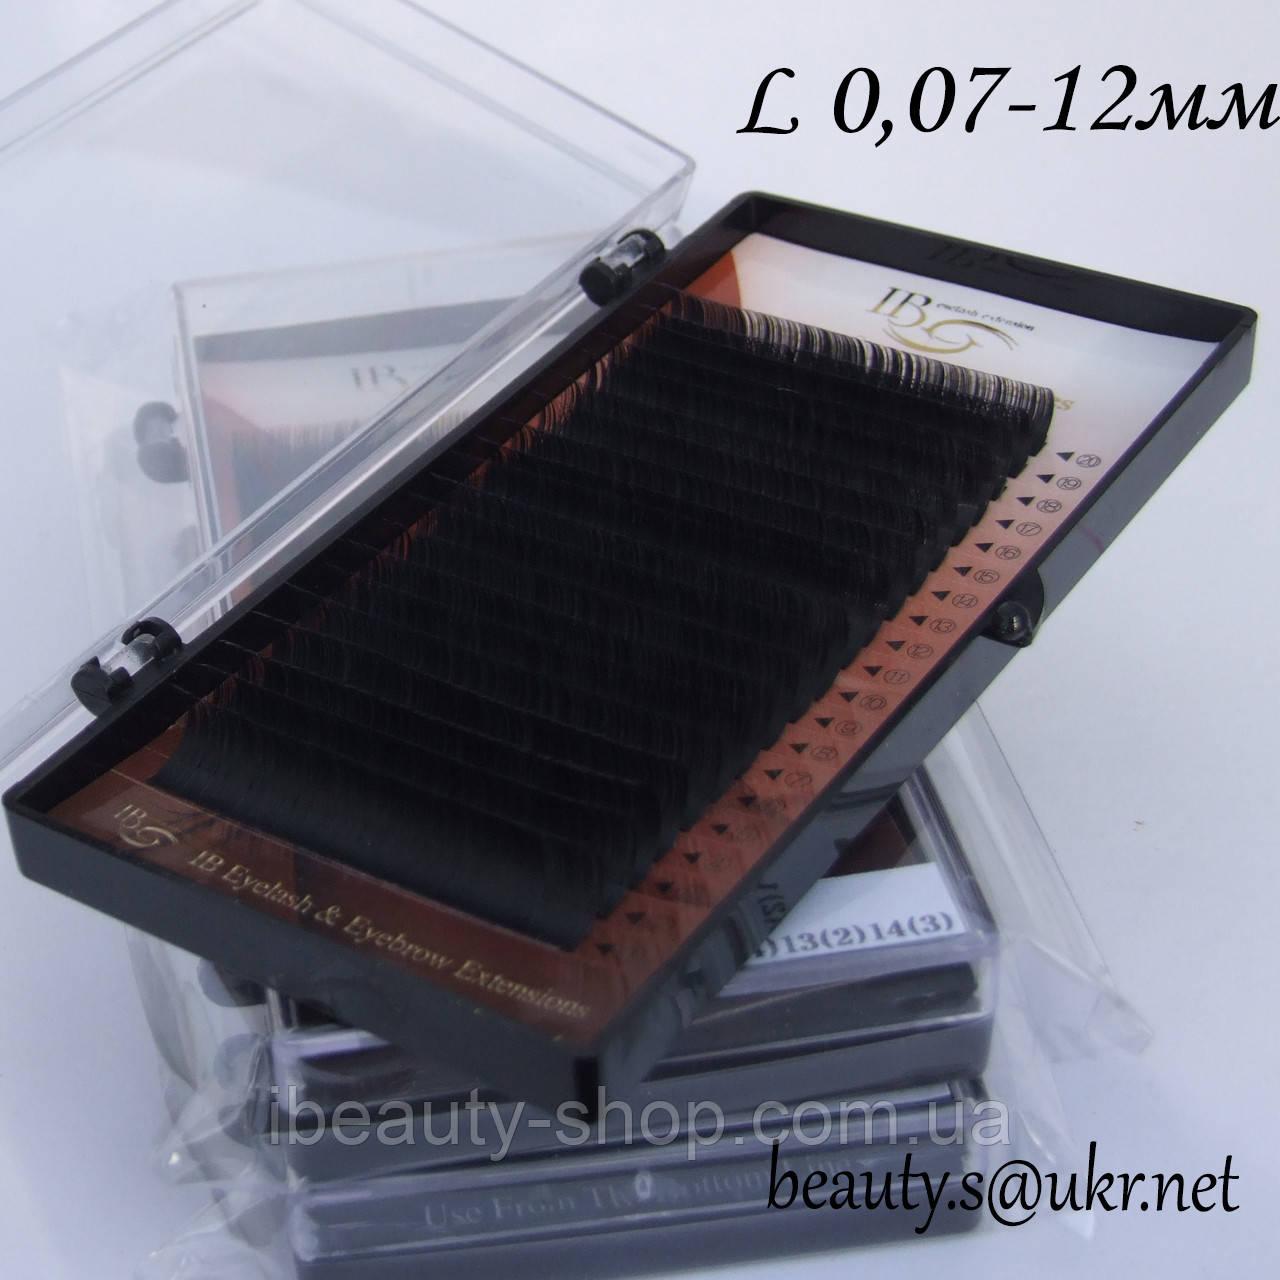 Ресницы  I-Beauty на ленте L-0,07 12мм